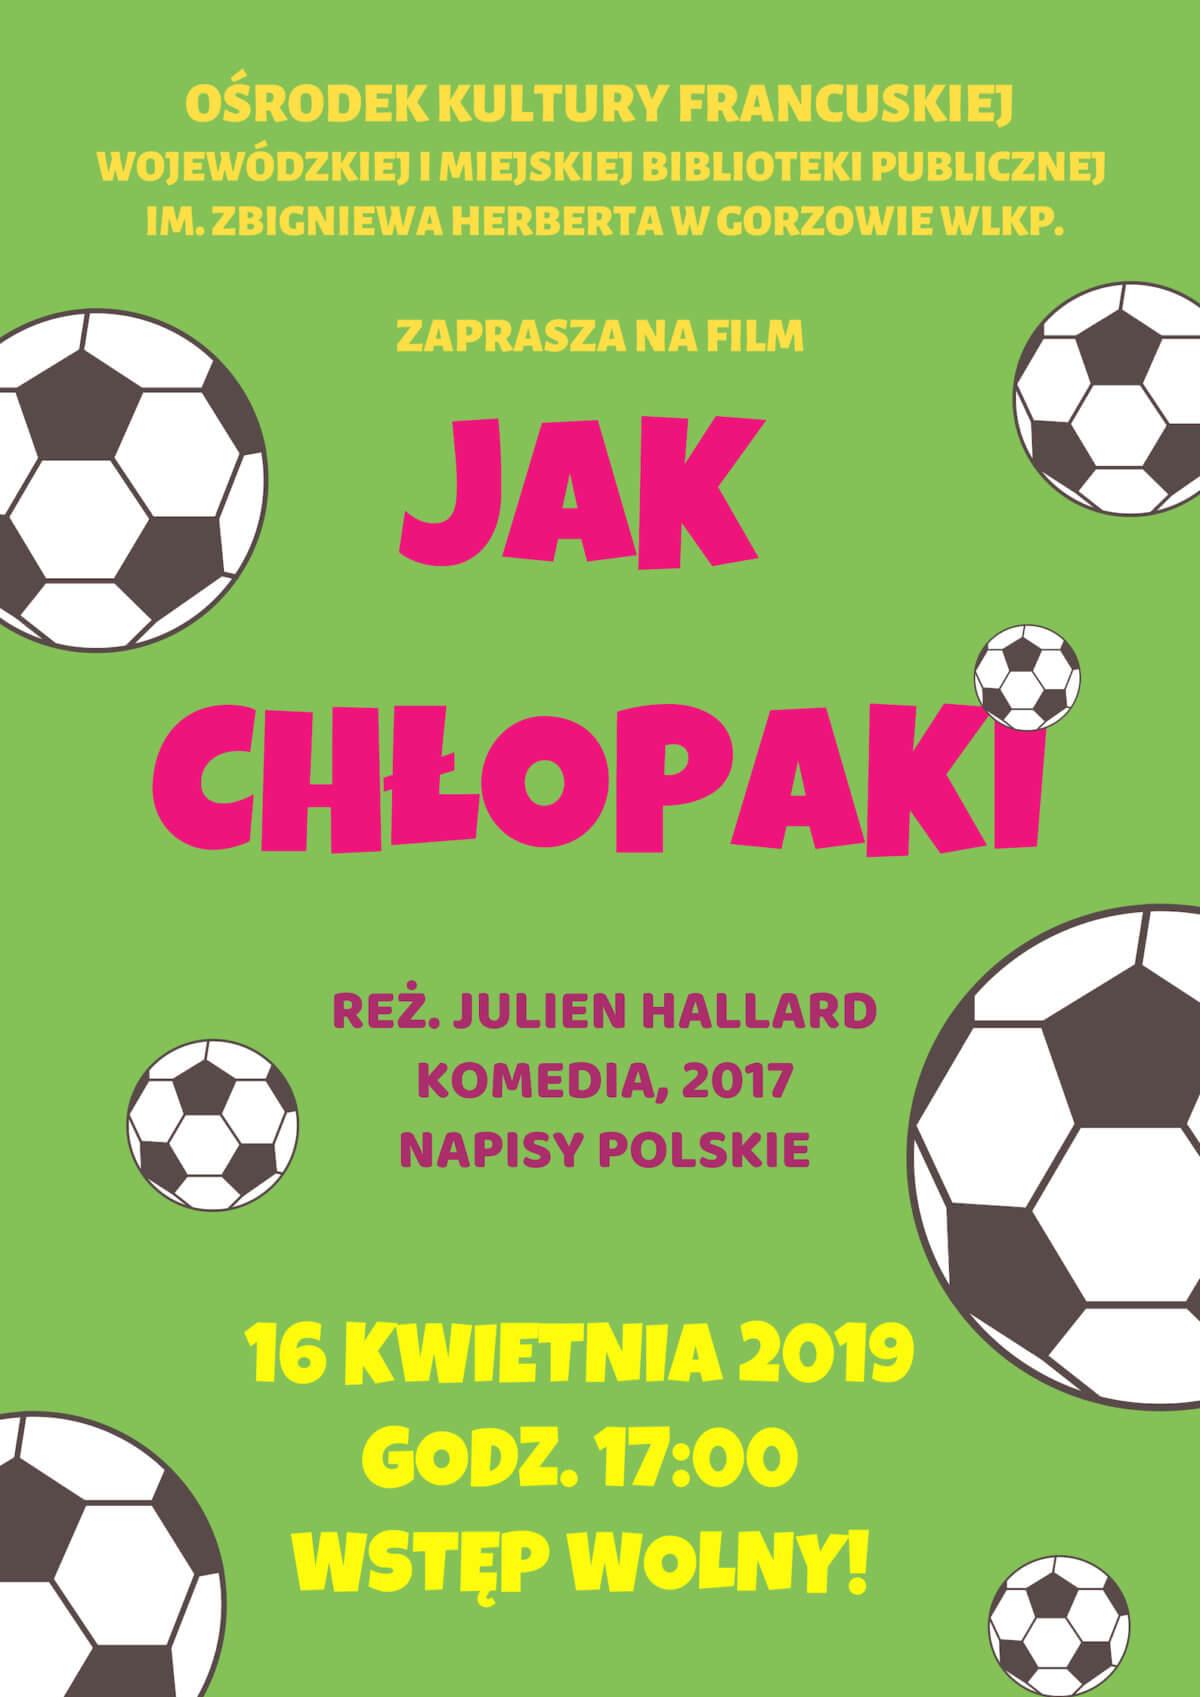 """16 kwietnia 2019 o godzinie 17:00 zapraszamy na projekcję filmu """"Jak chłopaki"""". Wstęp wolny!"""